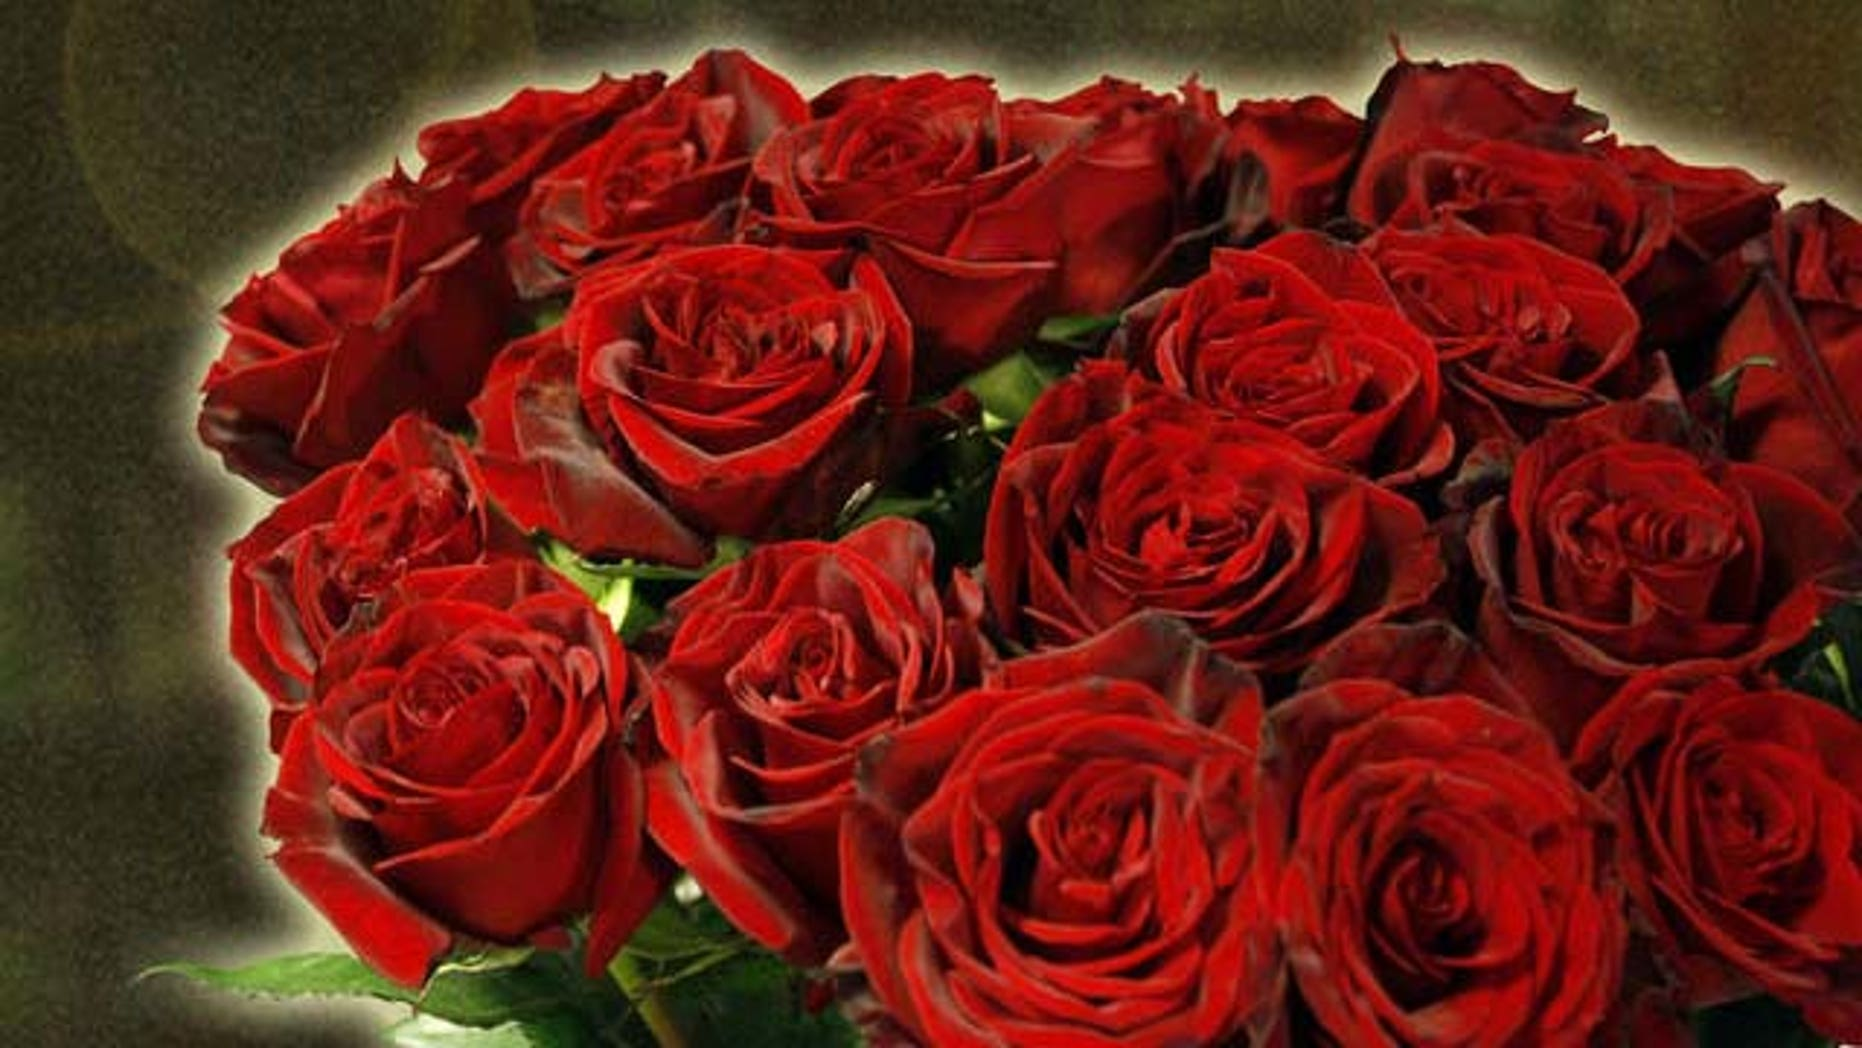 Ein Strauss Rosen stehen am Donnerstag, 14. Februar 2008, im Geschaeft Blumen 31 im Bleibtreu in Berlin. Am Valentinstag sind gerade Rosen sehr gefragt. (AP Photo/Franka Bruns)---A bouquet of roses is on display in a flower shop in Berlin, Thursday, Feb. 14, 2008. Especially on Valentine's Day, the rose is the favorite flower to pick. (AP Photo/Franka Bruns)